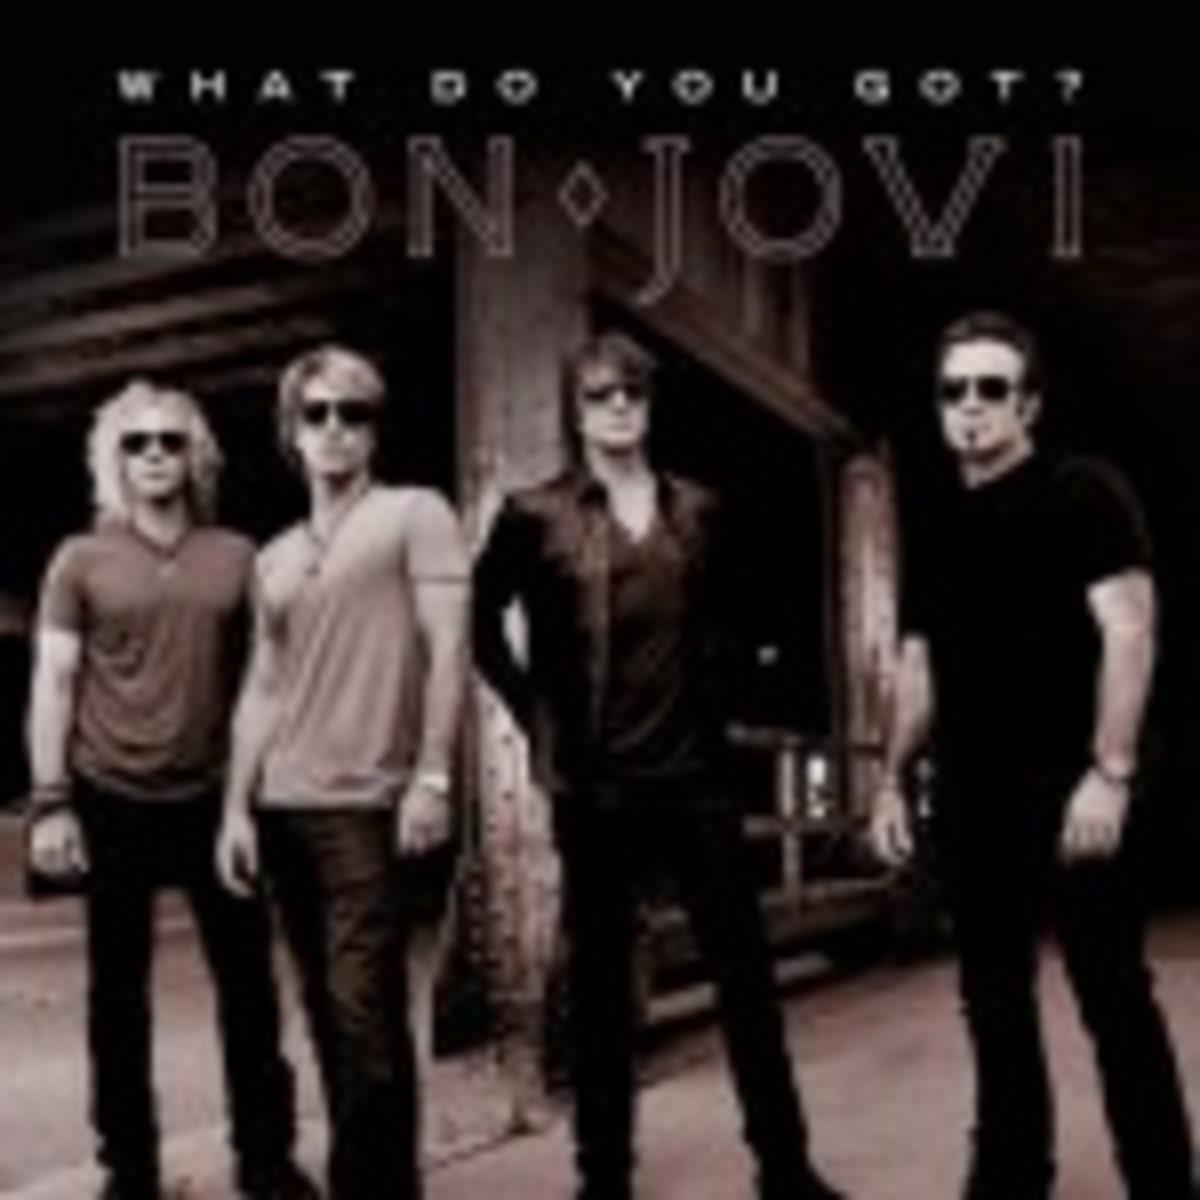 Bon Jovi (photo courtesy of Island Def Jam Music Group)